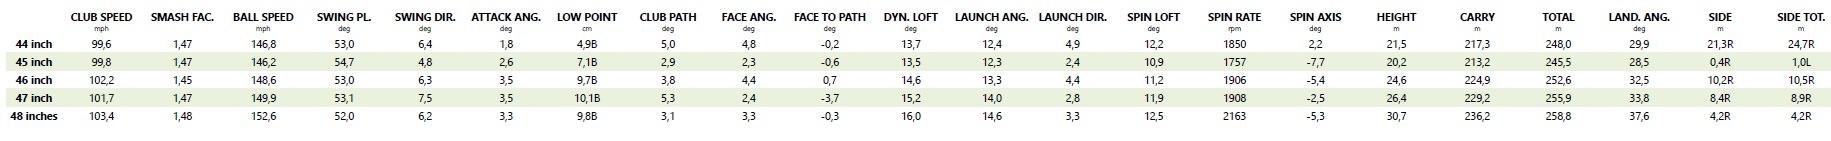 Les données trackman du test de longueur de shaft